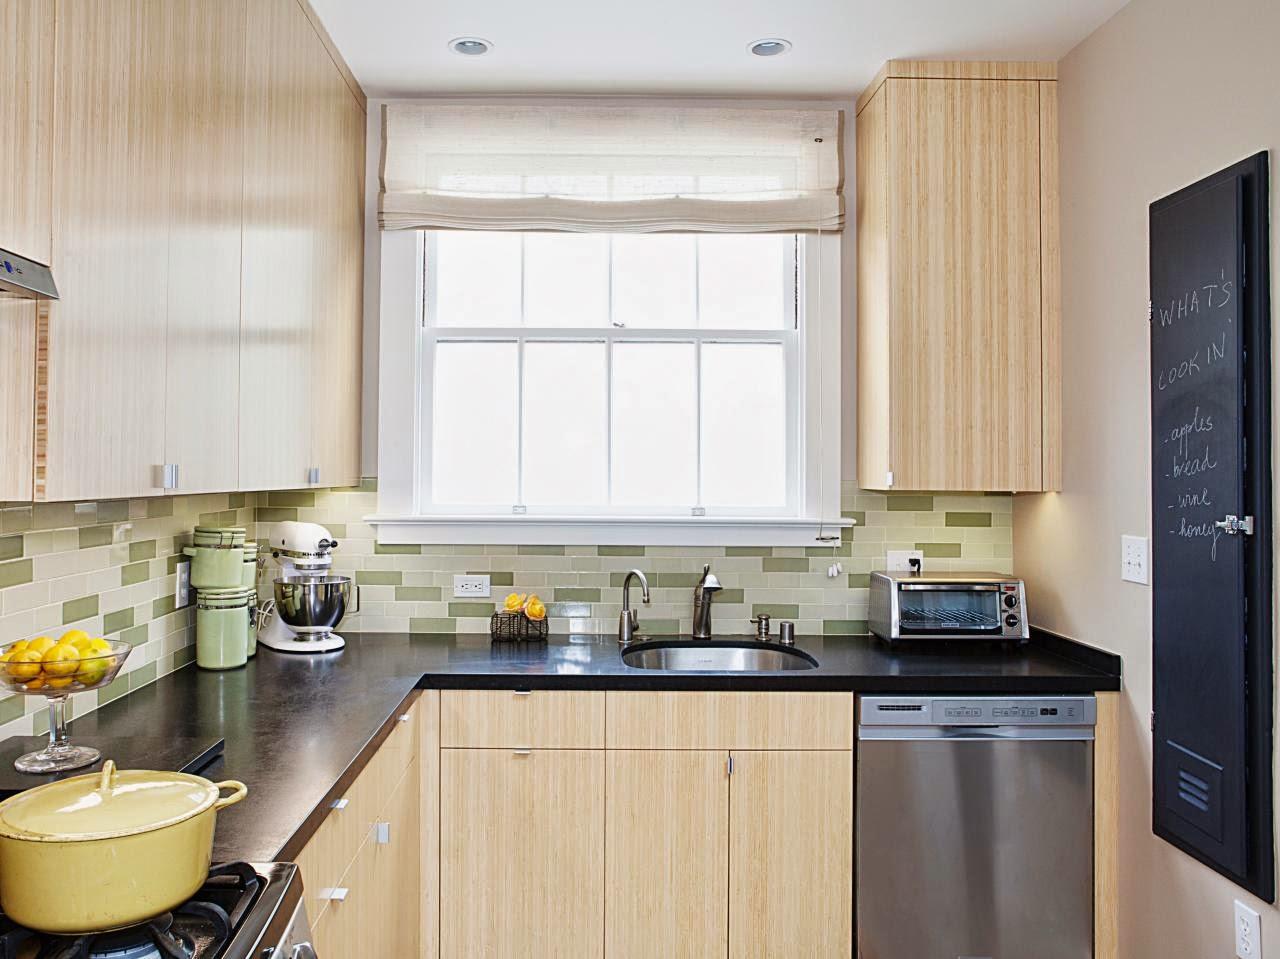 Cortinas para cocina fotos colores en casa for Cortinas para cocina modernas 2015